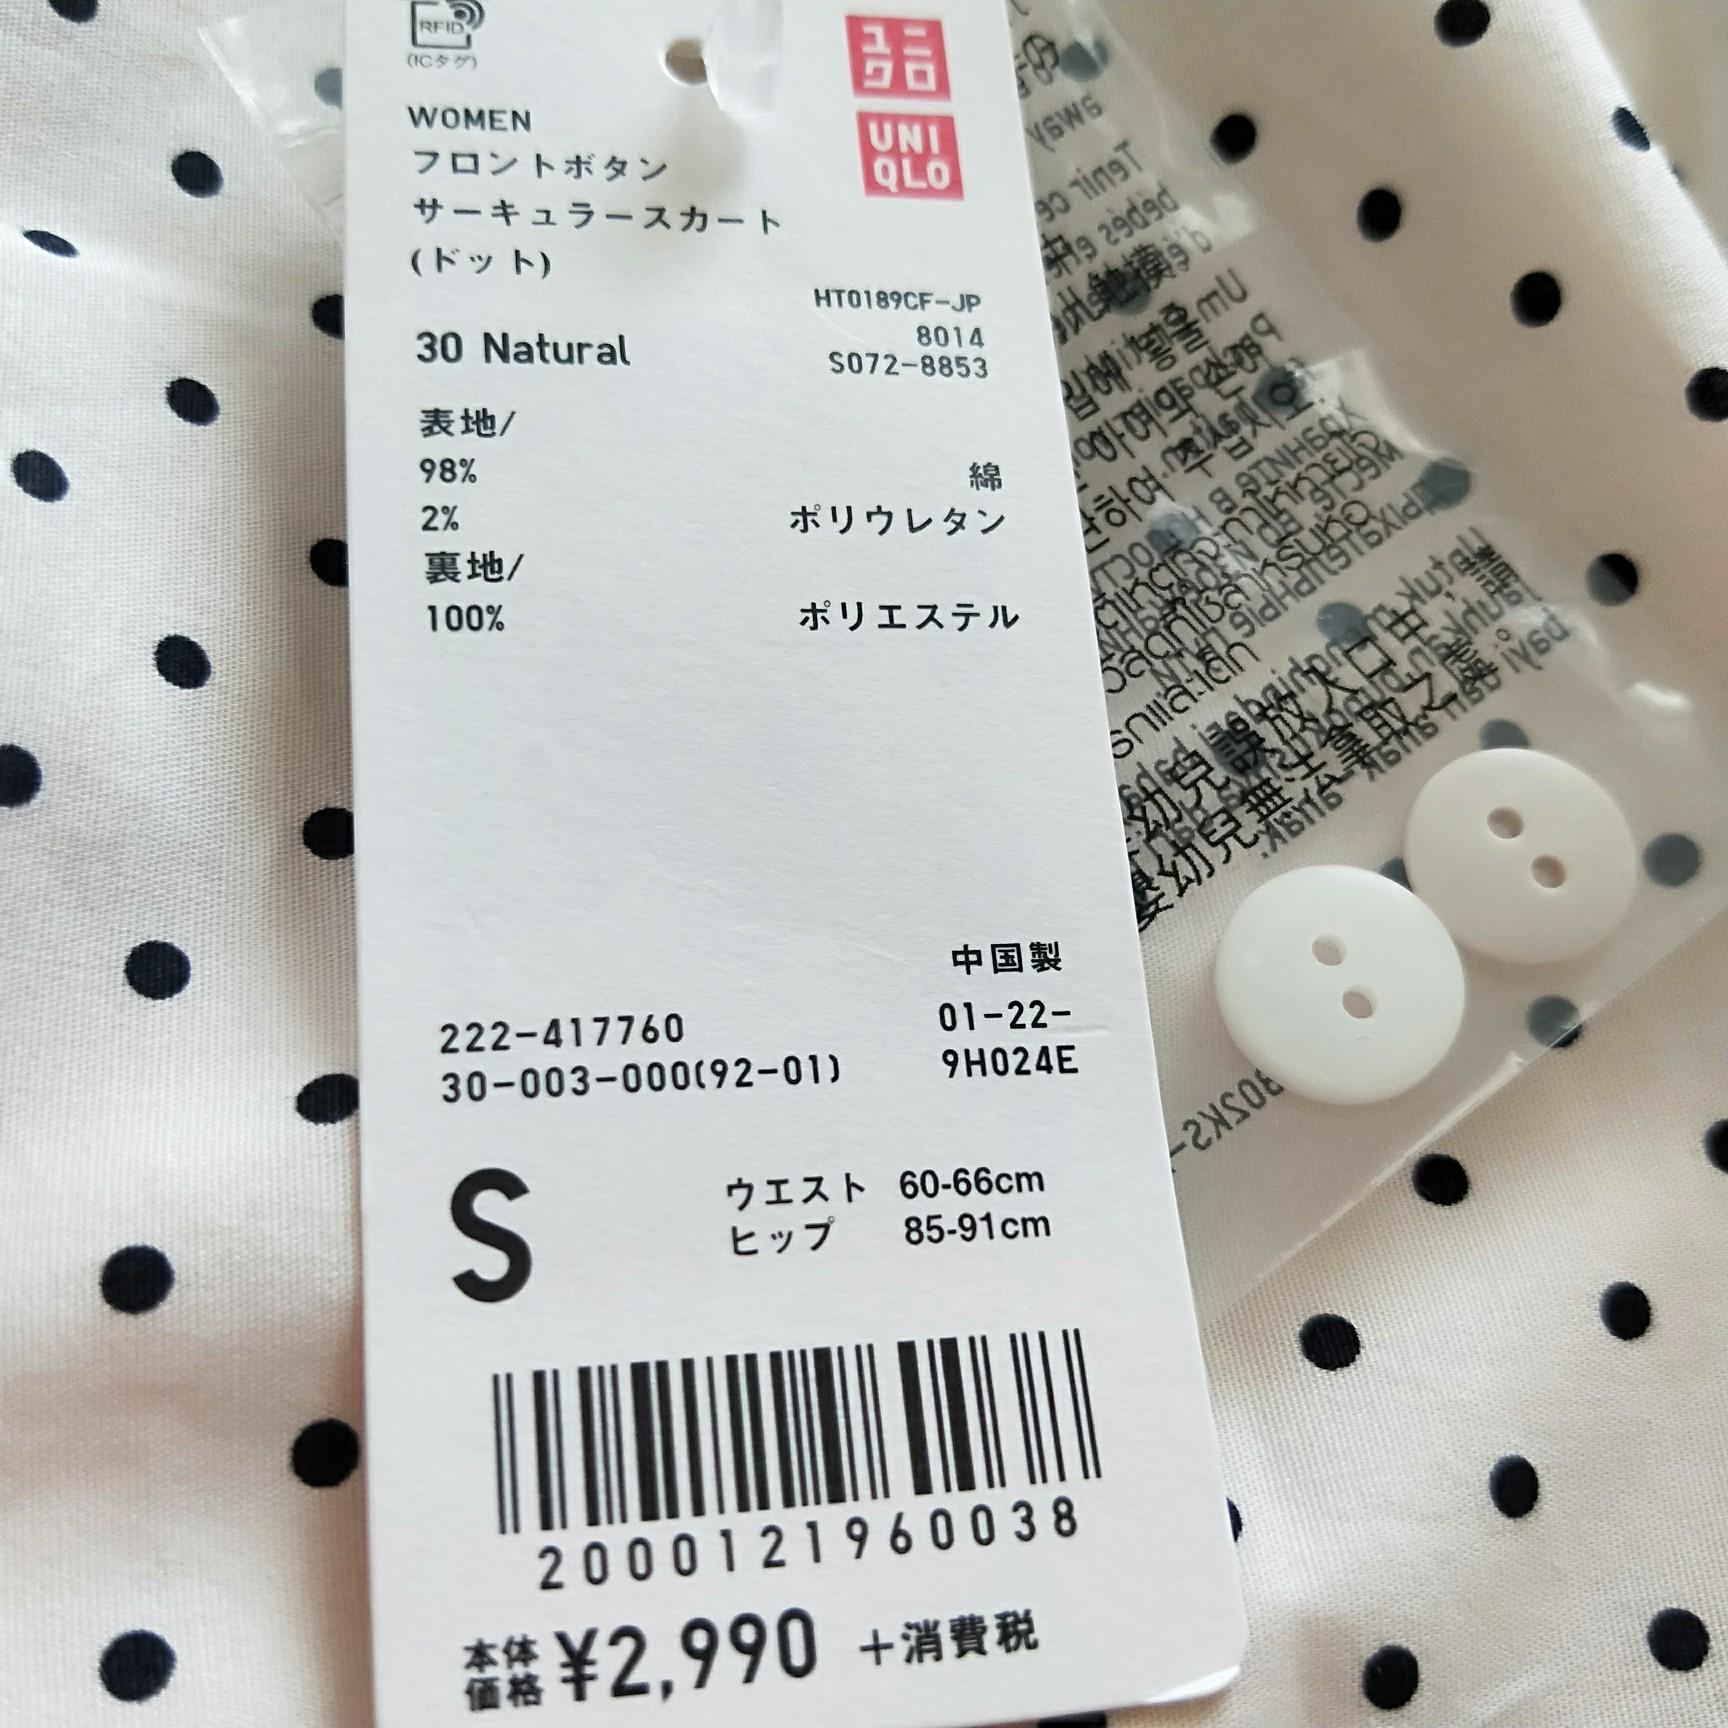 【ユニクロのGW】ブラトップもスカートも1000円オフ♡_3